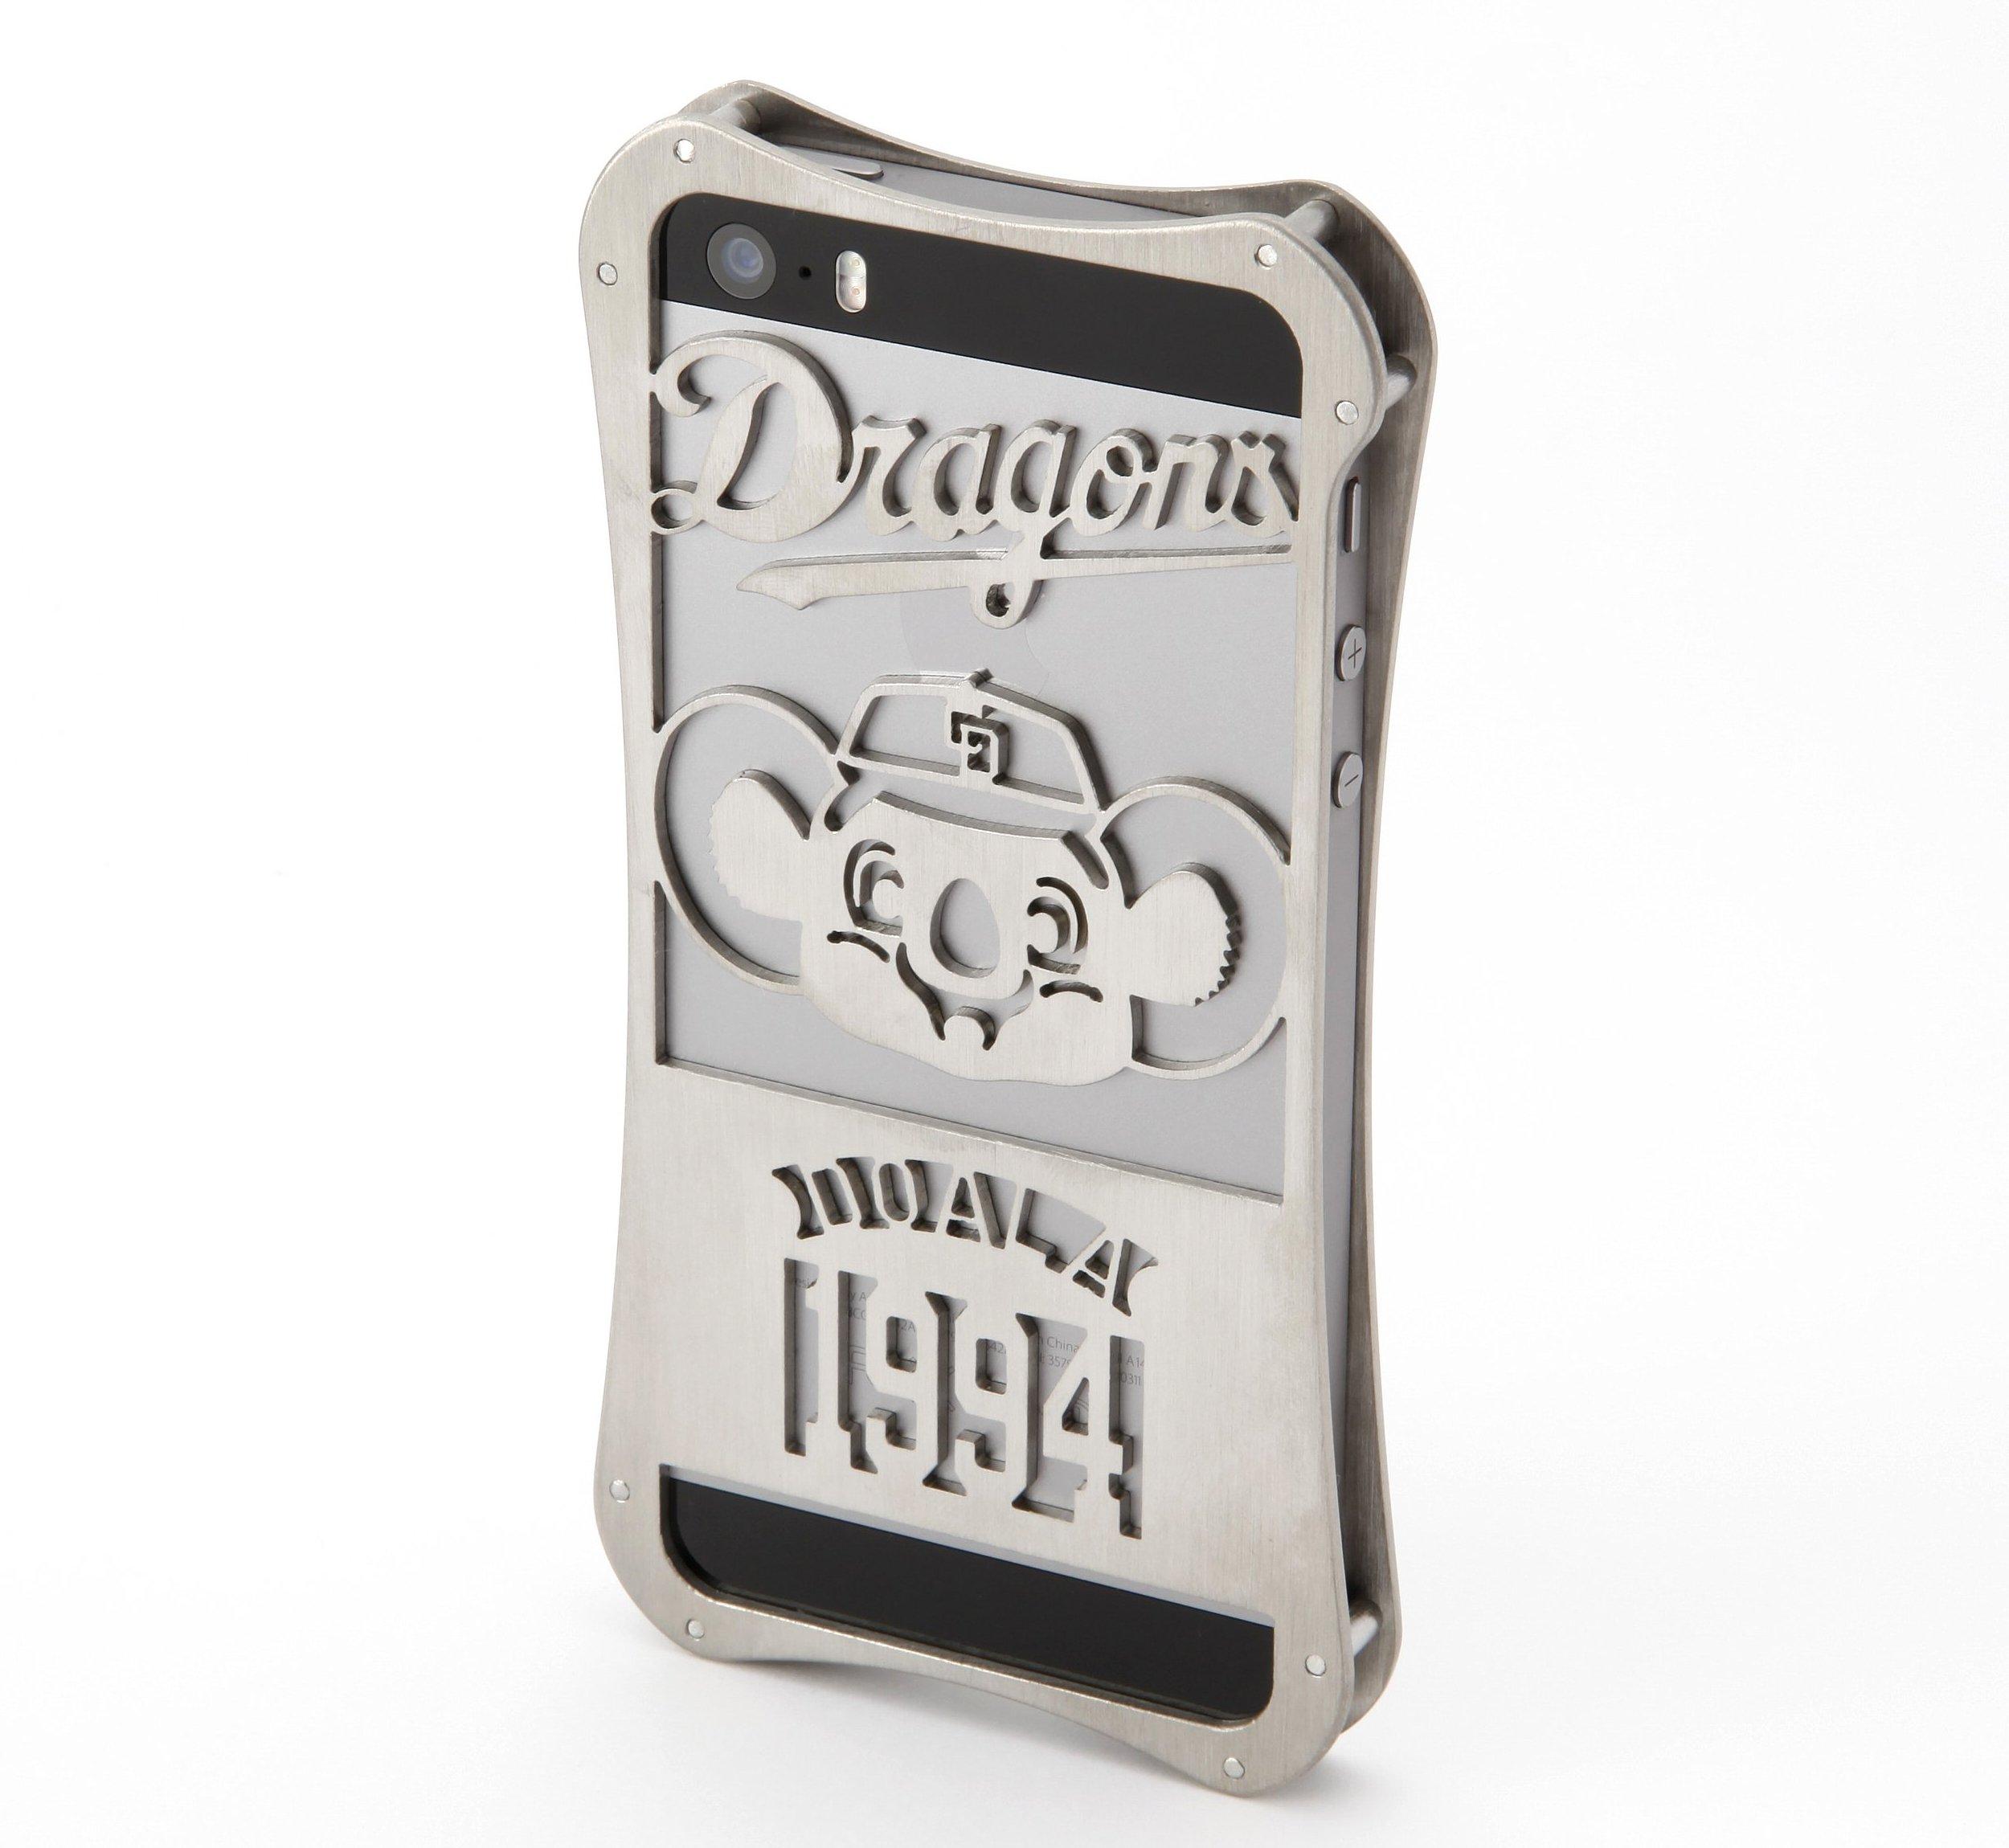 iphone5/5s用スマートフォンケース チタンシェル・ドラゴンズ ドアラバージョン::3507【バッグ・小物・ブランド雑貨】記念日向けギフトの通販サイト「バースデープレス」